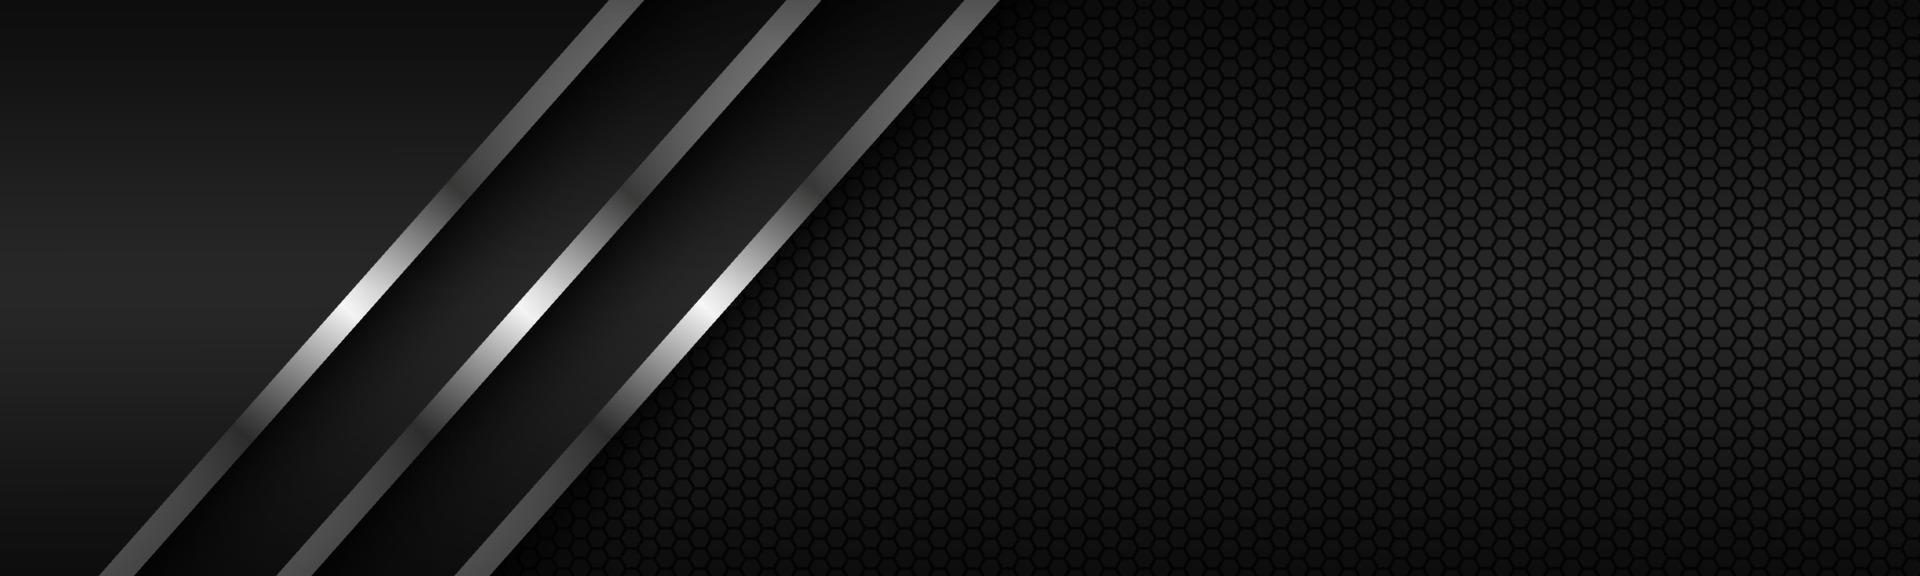 abstrakter Header mit silbernen Linien auf überlappenden Ebenen und polygonalem Muster. Vorlage für Ihr Banner und Ihre Präsentation. moderne Vektordesignillustration vektor